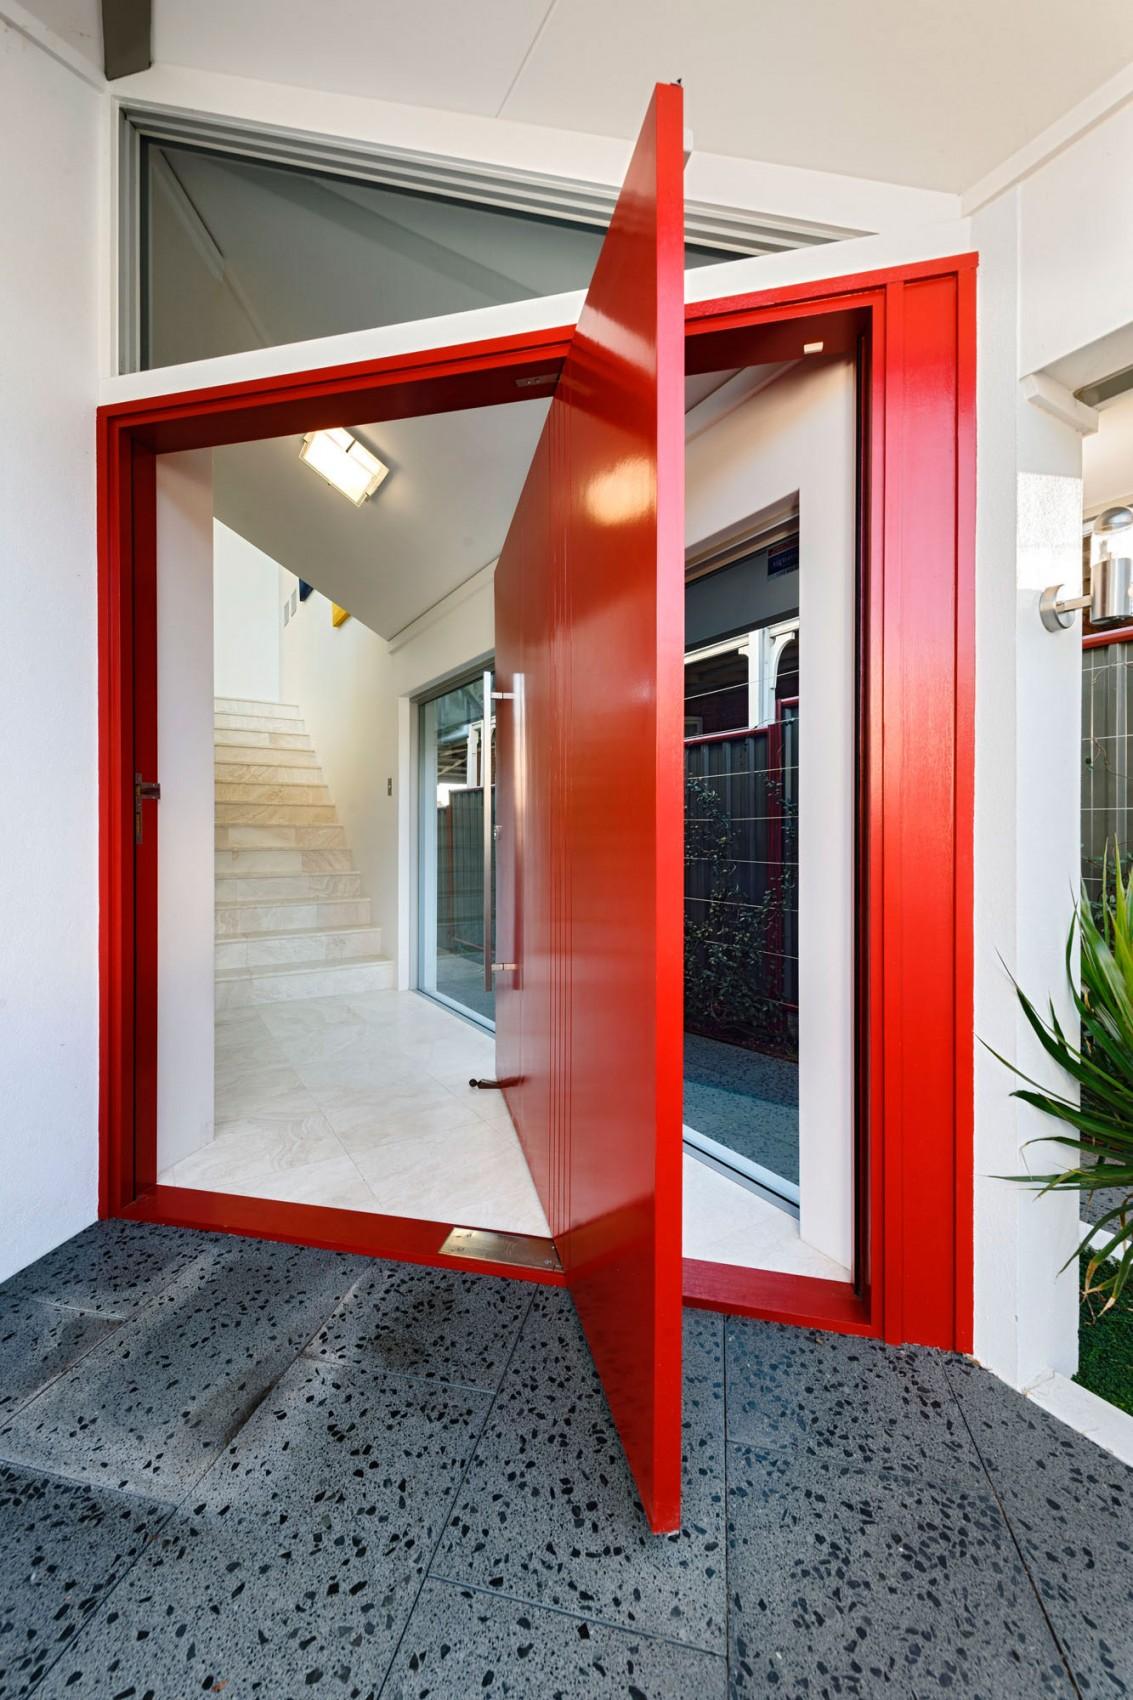 kashta-s-ekstravagantna-arhitektura-i-moderen-interioren-dizain-2g